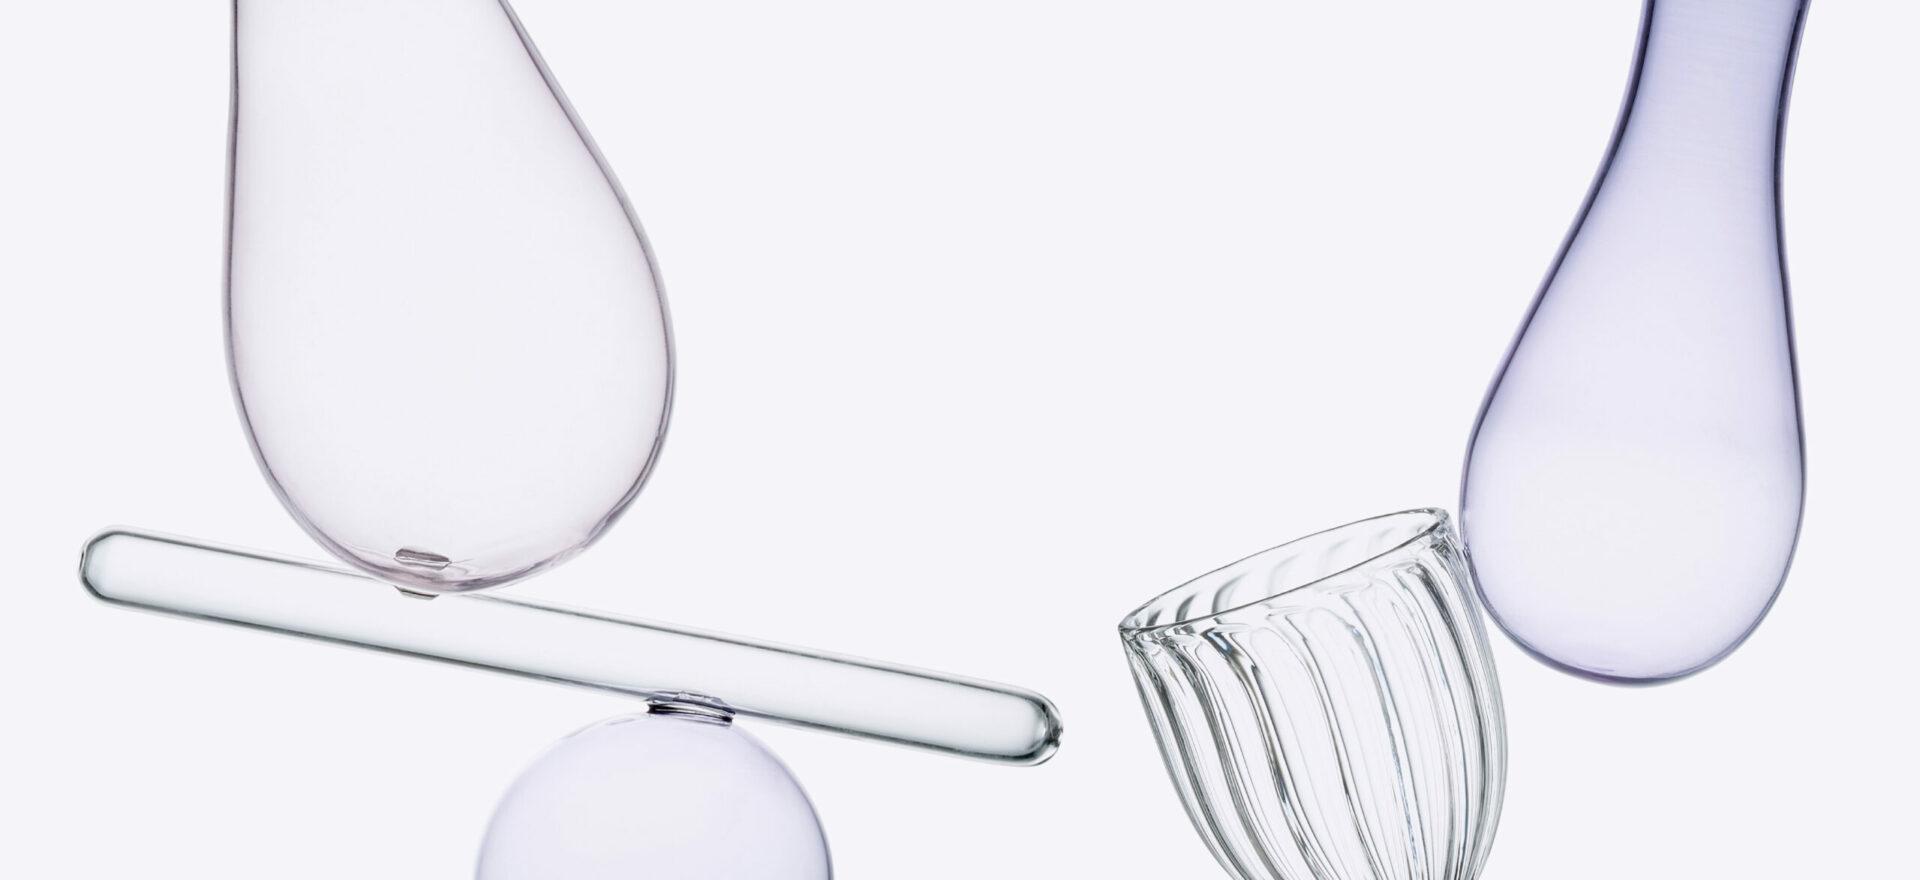 (Un)balanced_Paşabahçe__Vases collection_Flowers_Mario Trimarchi Design_Products Artworks